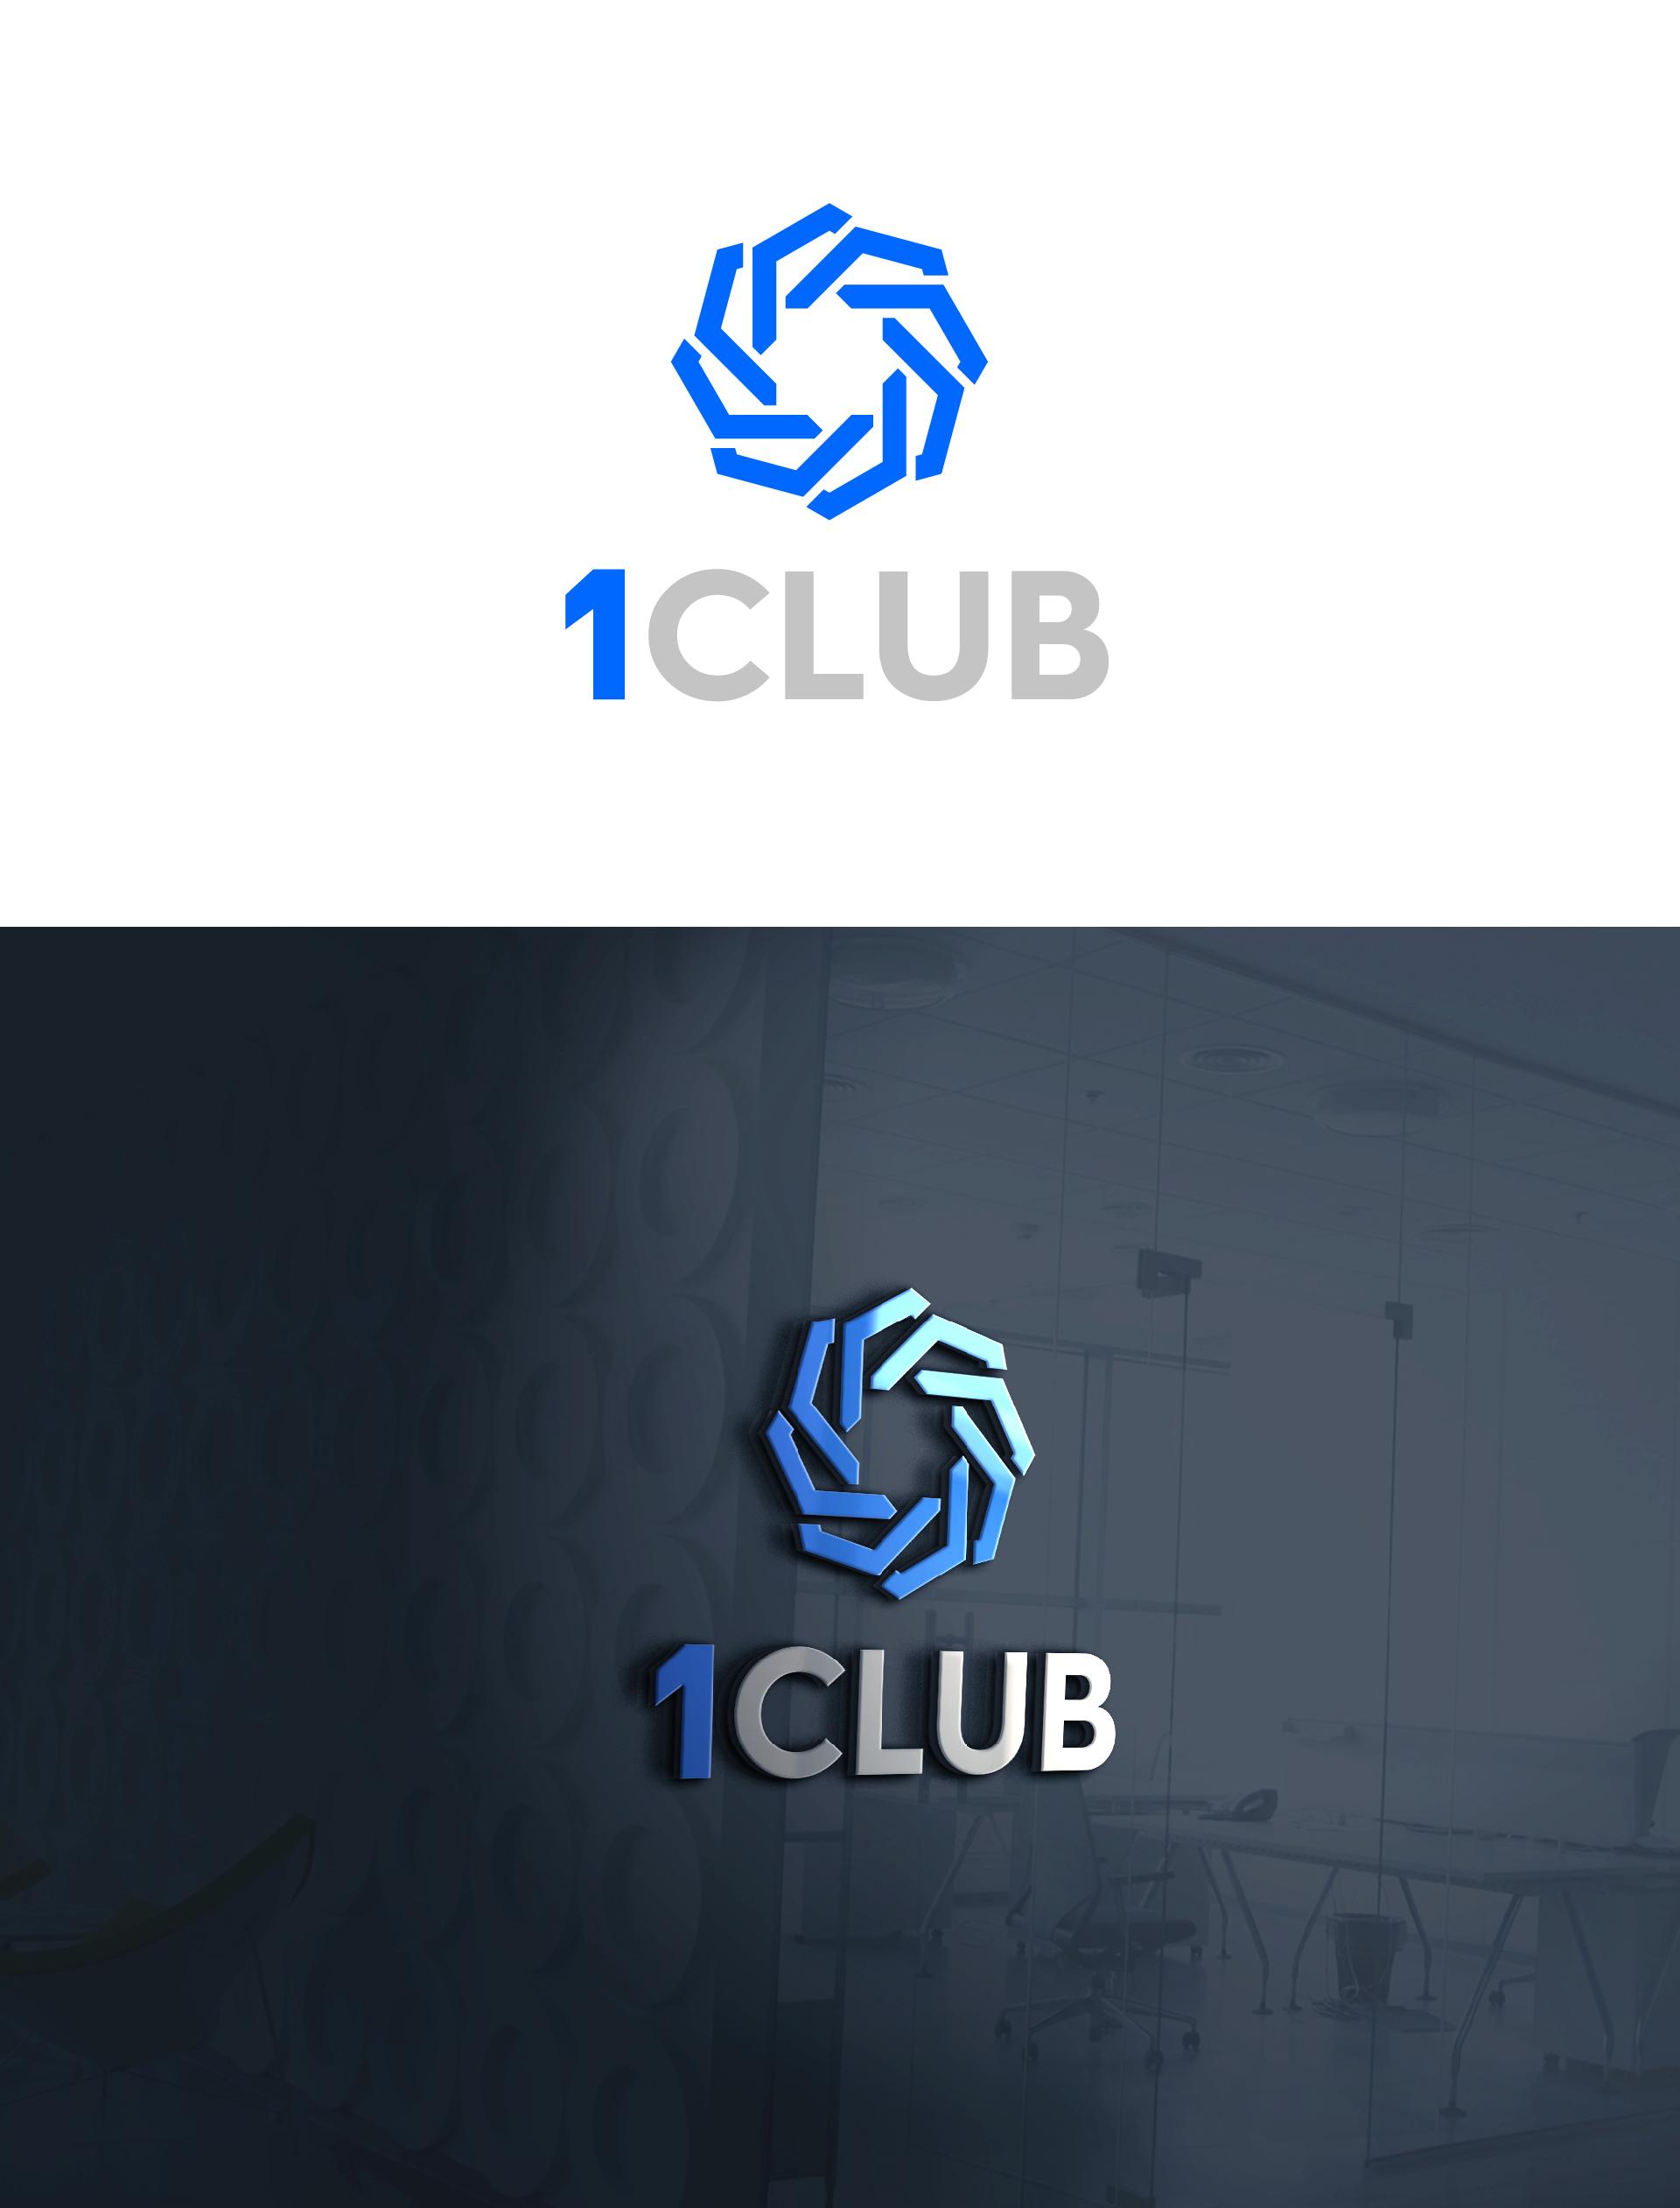 Логотип делового клуба фото f_6375f88b461eb8c7.jpg